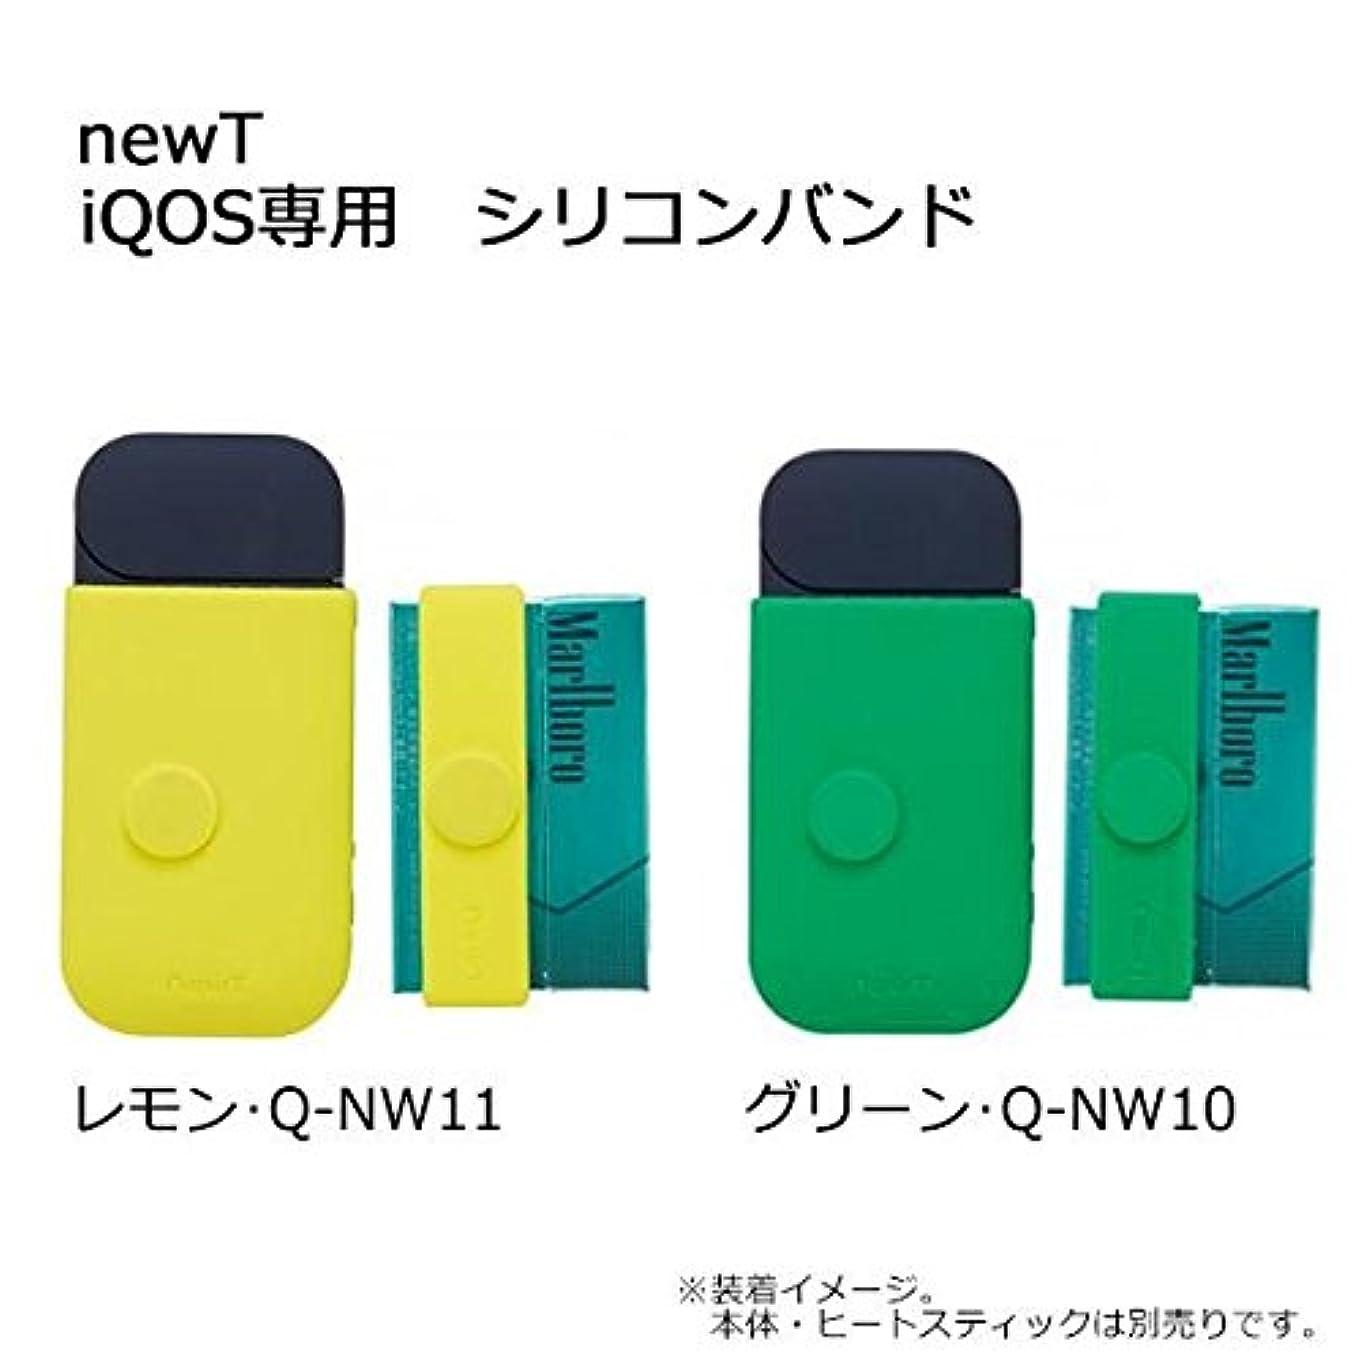 newT iQOS専用 シリコンバンド ■2種類の内「グリーン?Q-NW10」のみです